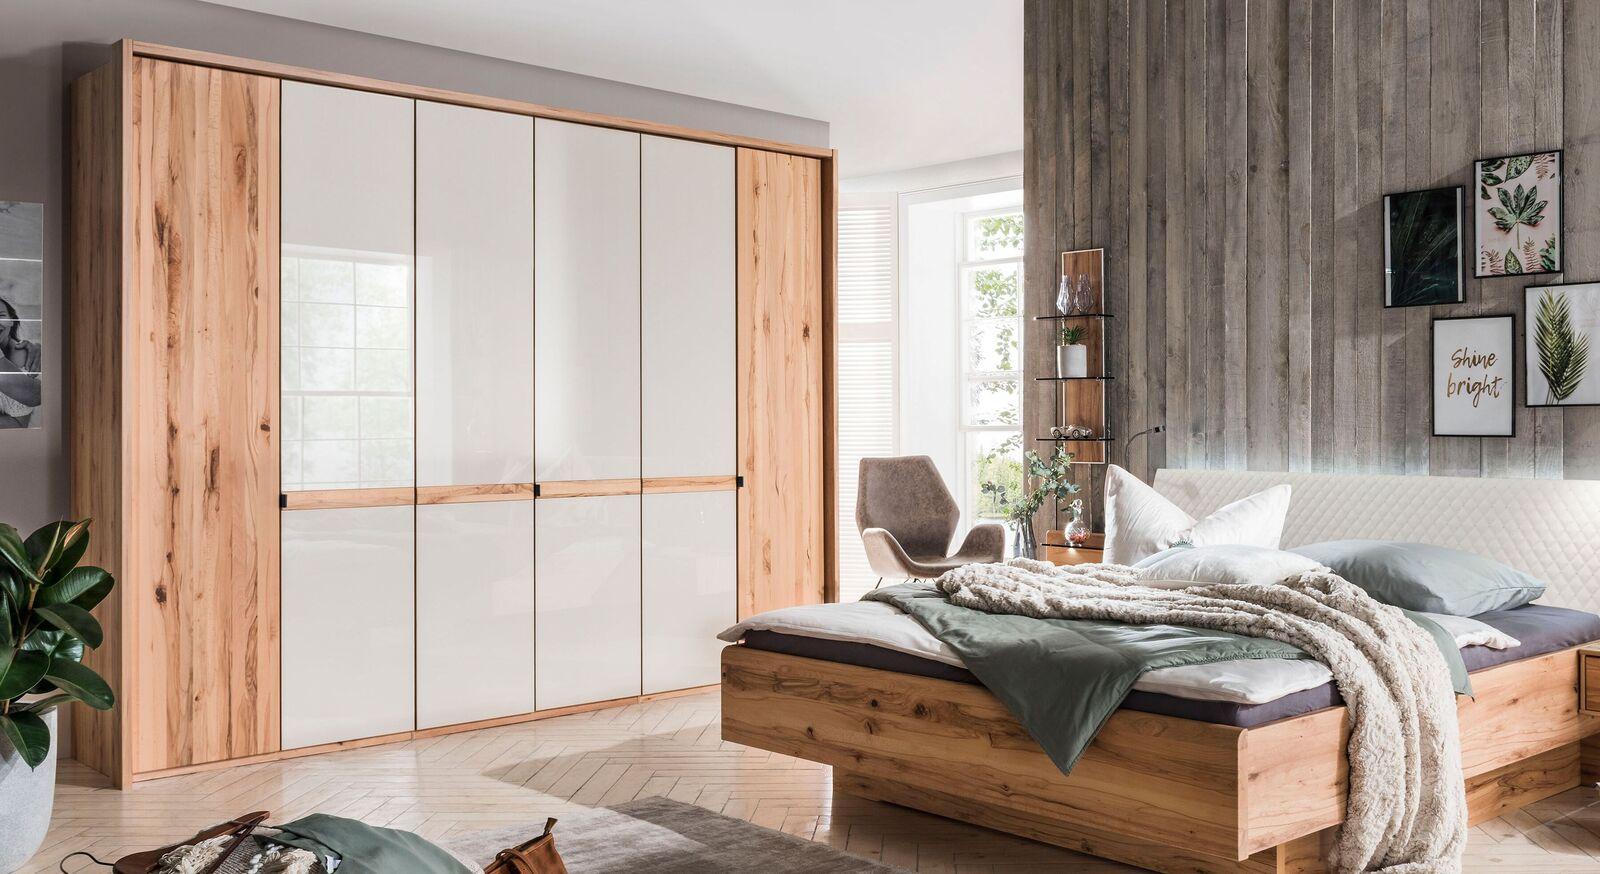 Drehtüren-Kleiderschrank Leandra mit hochwertigen Glastüren